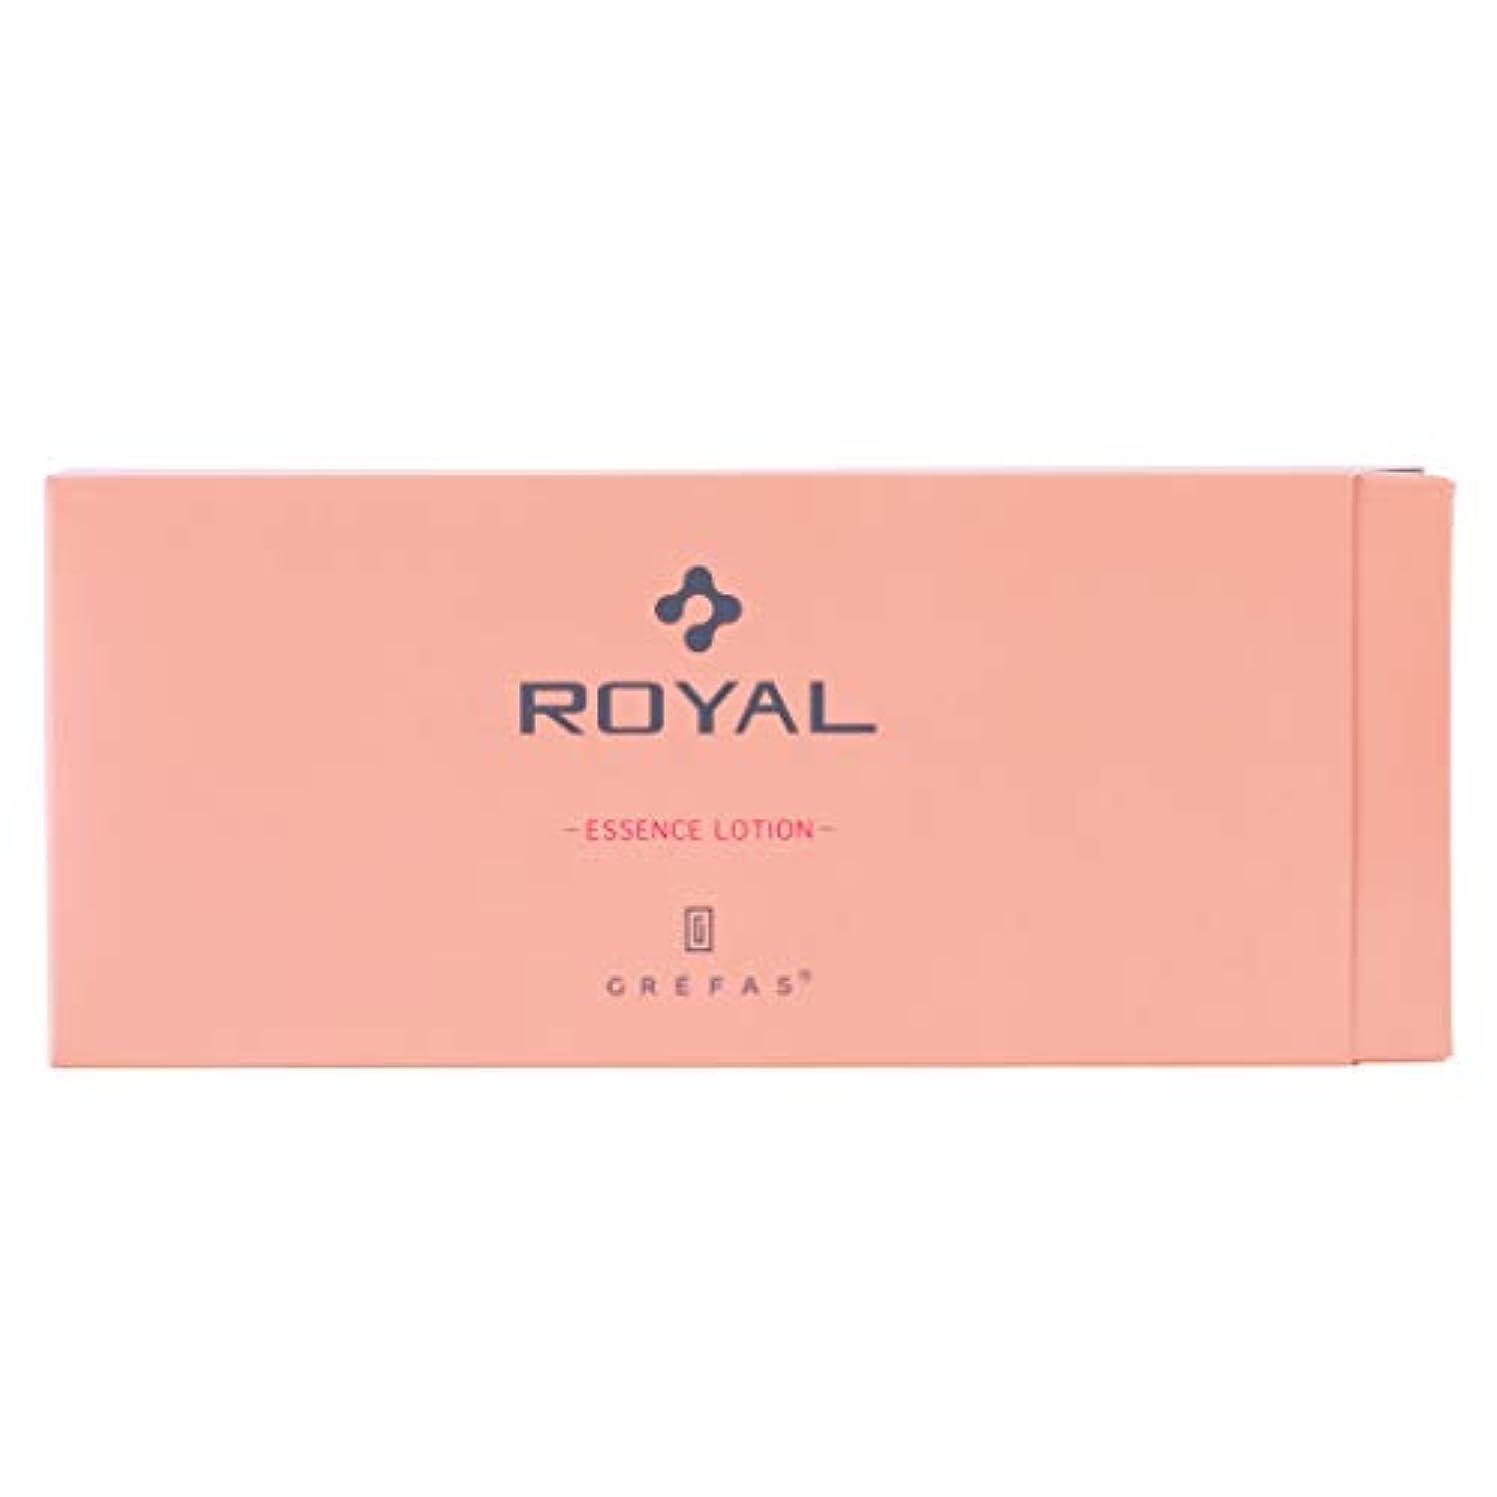 アクティビティ流産ヒステリックGREFAS ROYAL【グレファスロイアル】化粧水 エッセンスローション プラセンタエキス 1.3ml×90袋